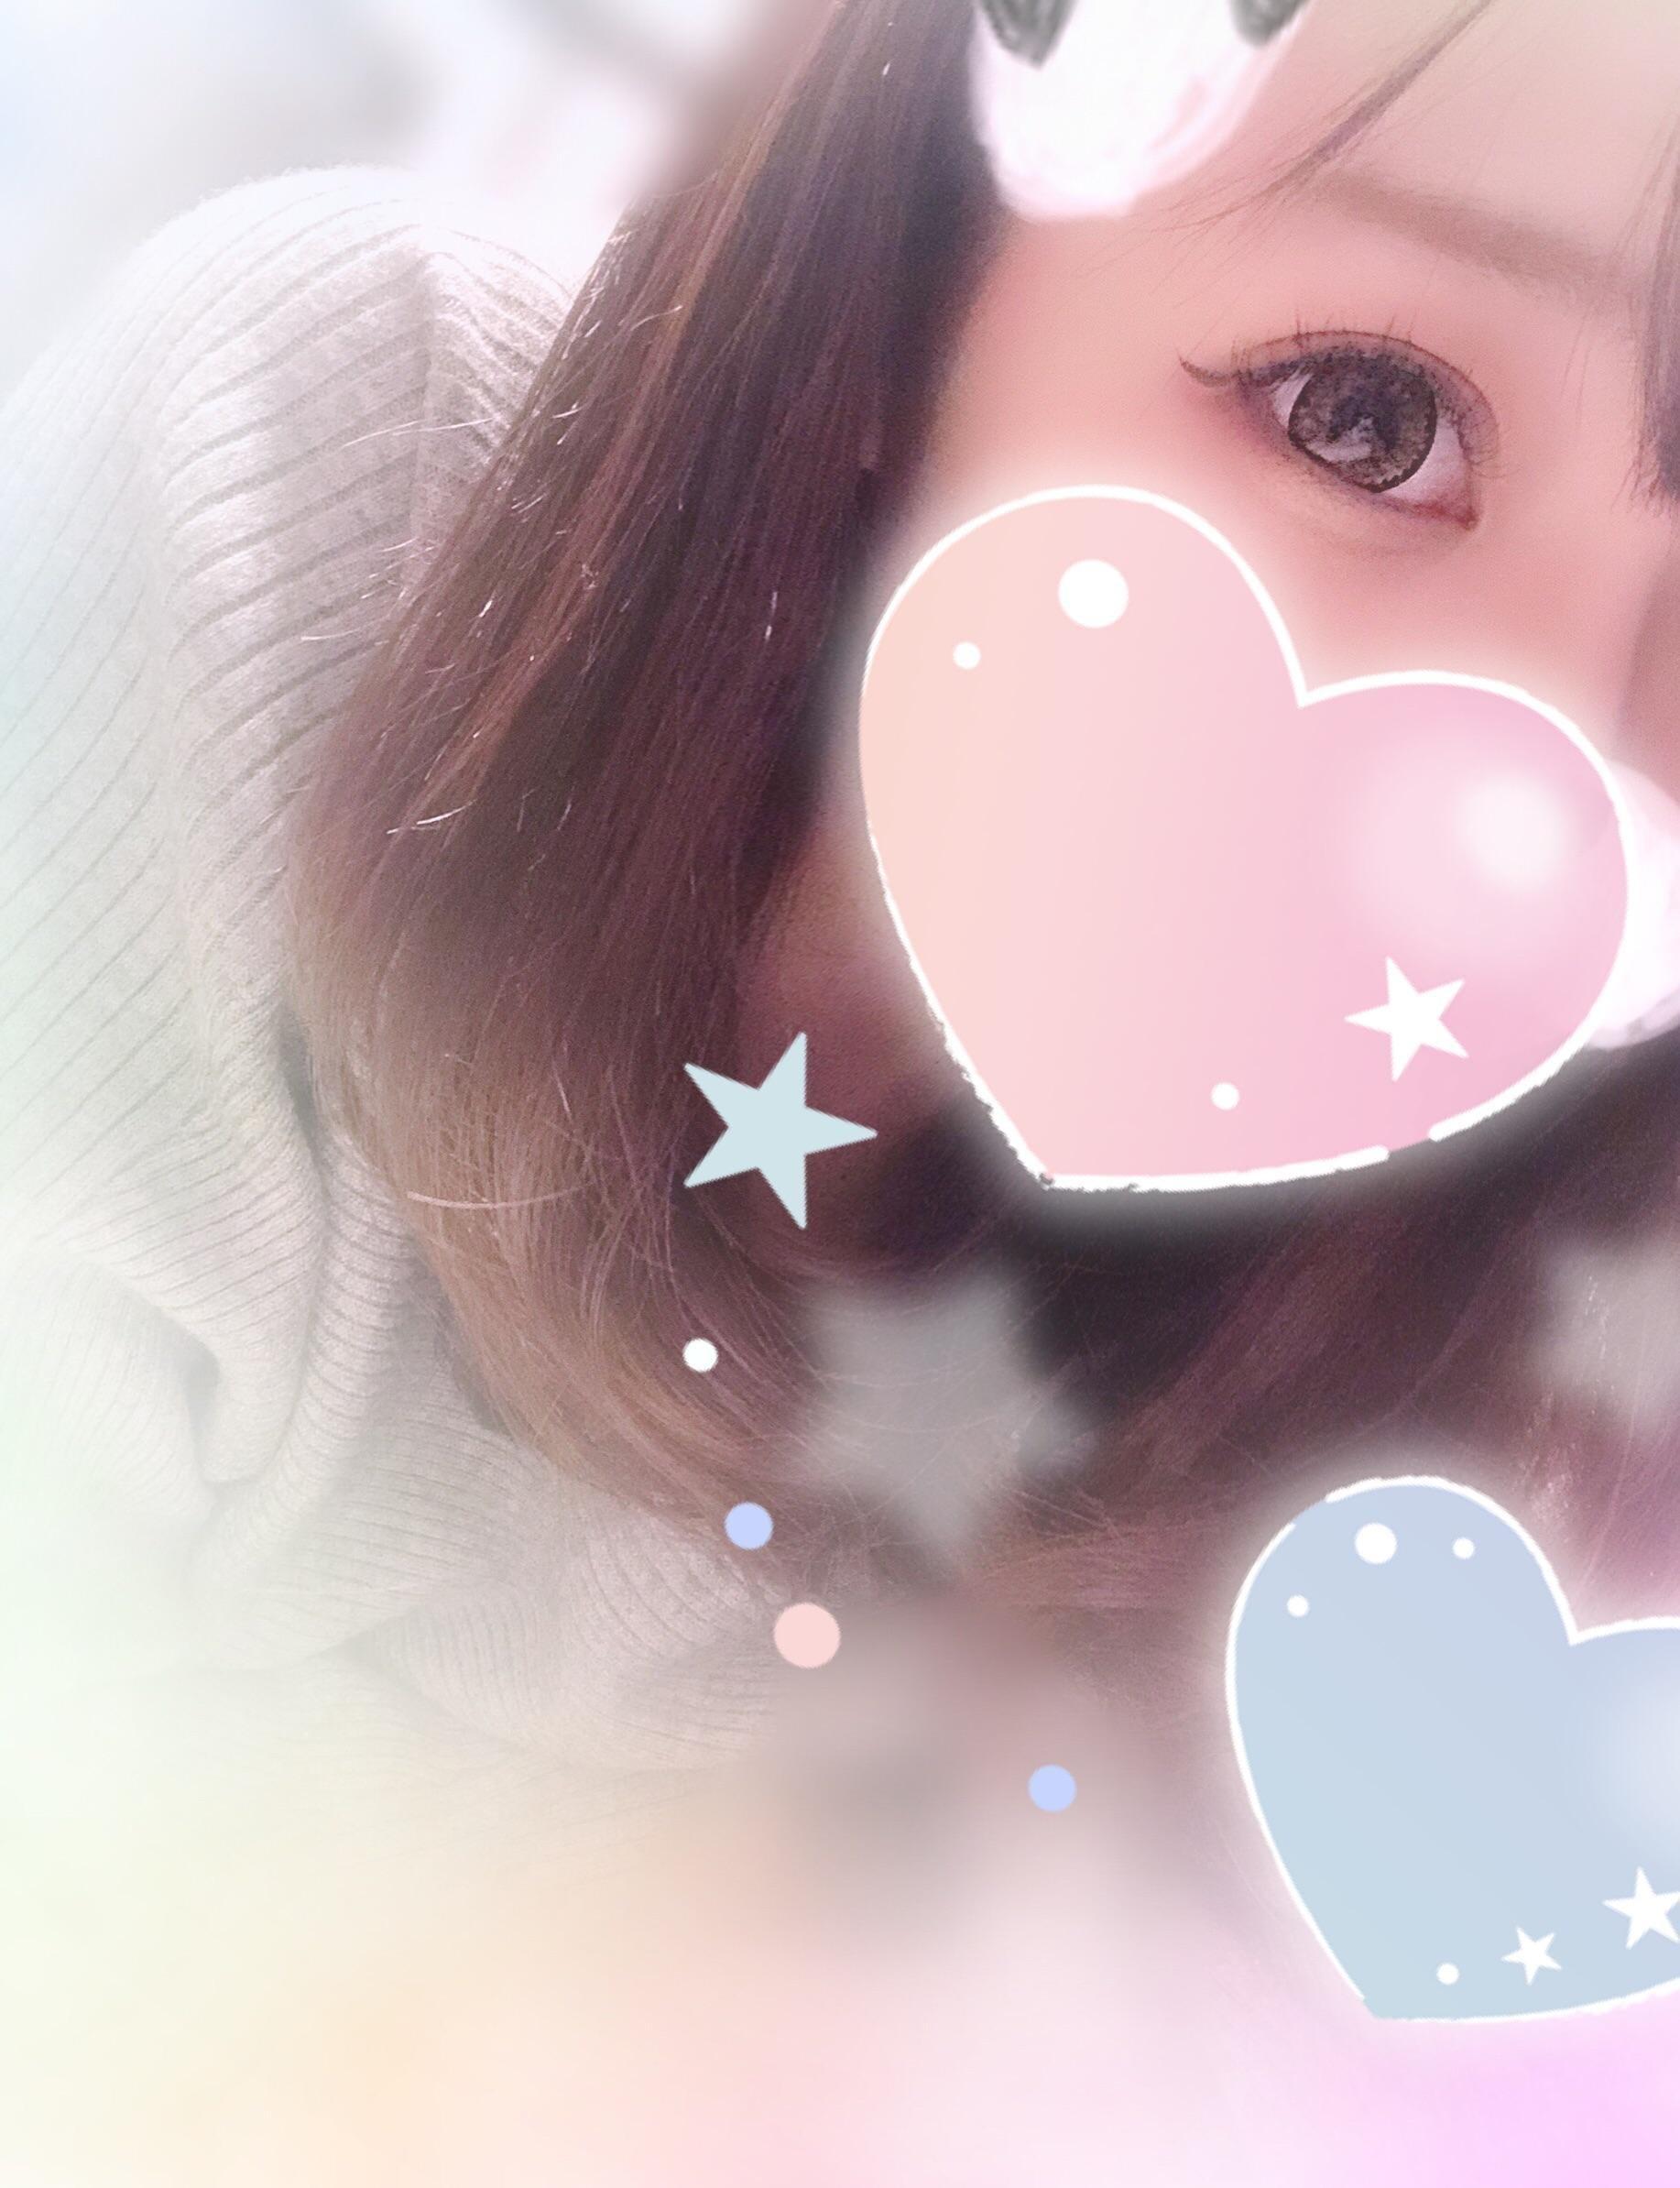 「帰宅♡」01/12(土) 20:50   りんちゃんの写メ・風俗動画